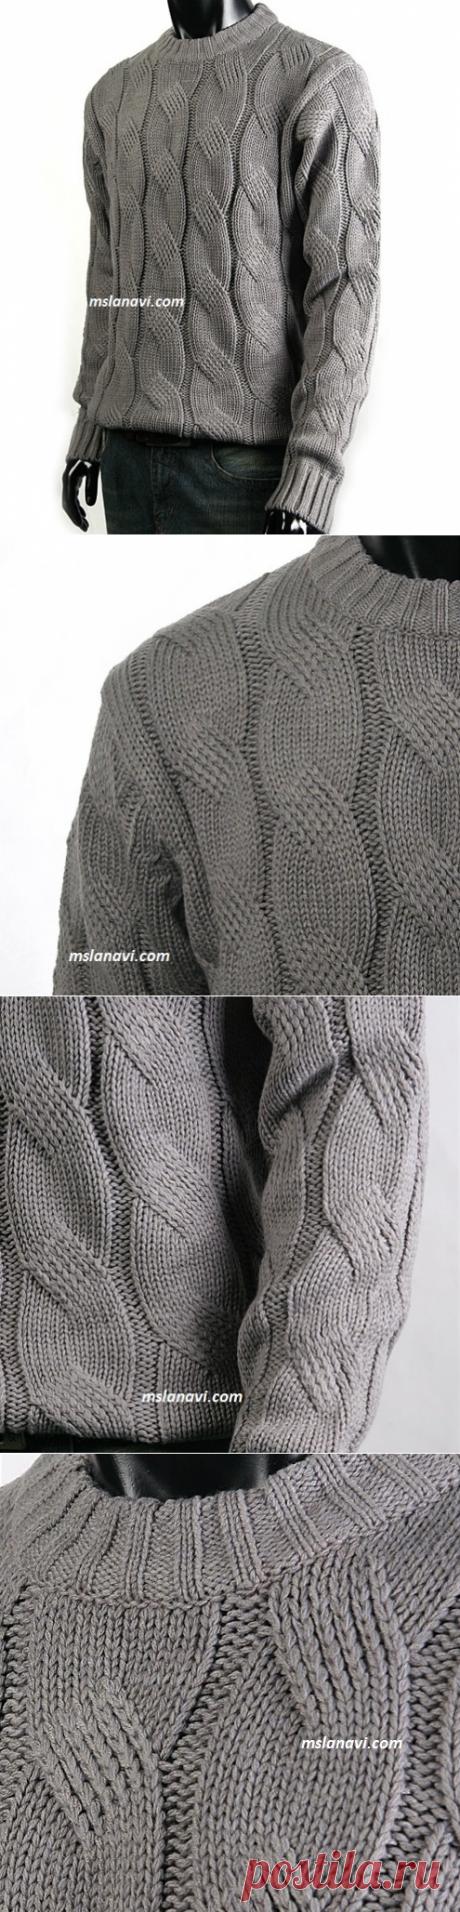 Вязание от Lana Vi Knitting Tricot. Мужской пуловер.